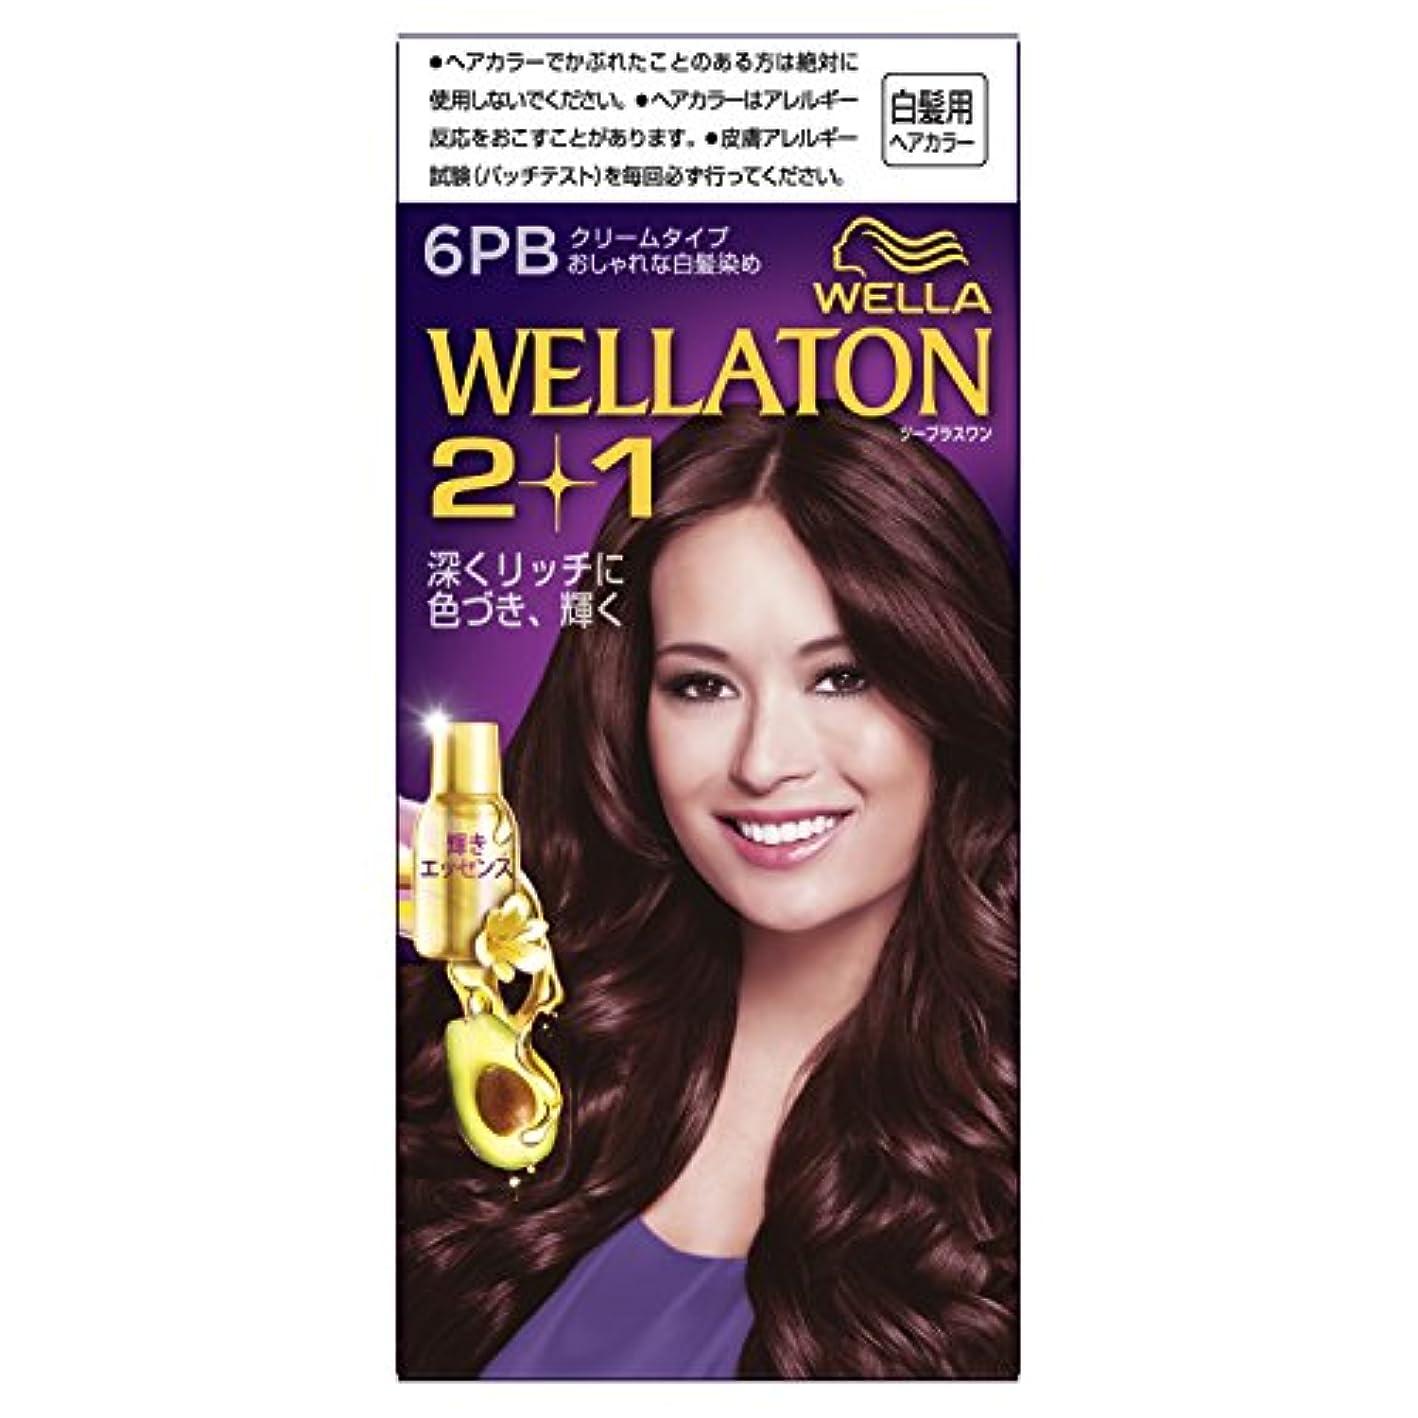 優遇周り工夫するウエラトーン2+1 クリームタイプ 6PB [医薬部外品](おしゃれな白髪染め)